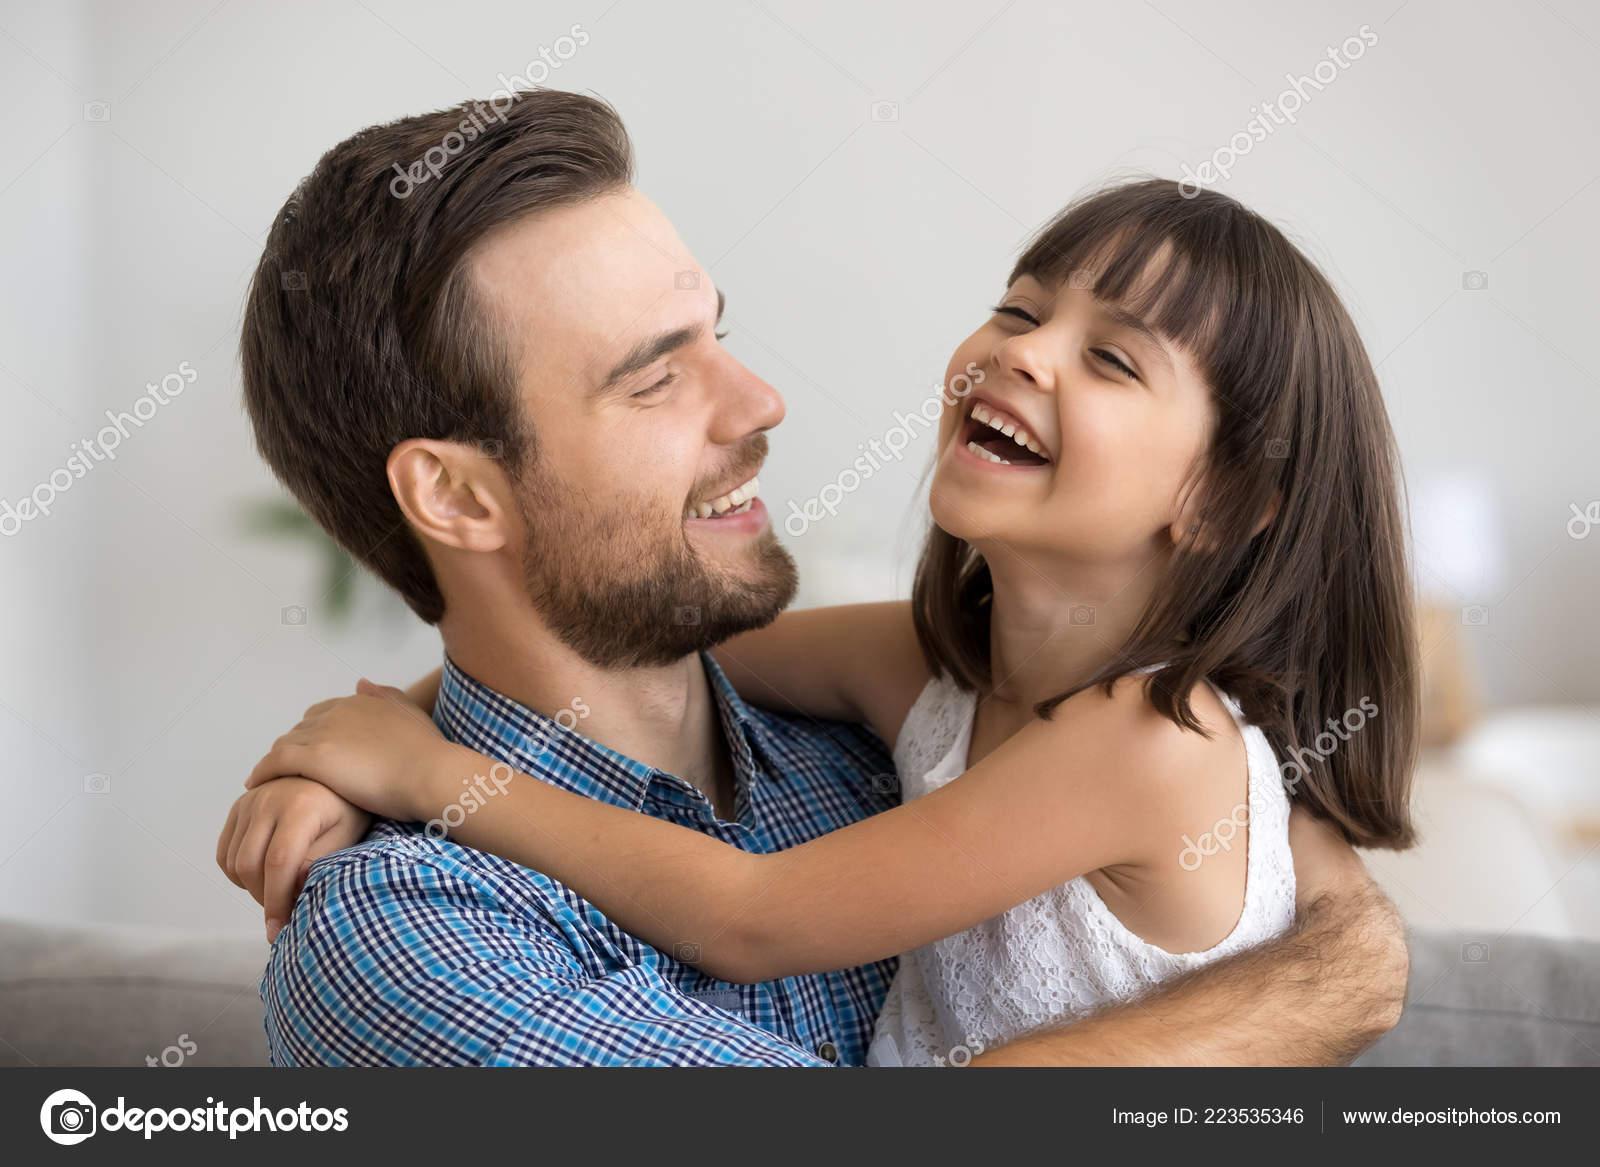 Японские шоу отец и дочь онлайн, Японское порно шоу отец должен отгадать дочь 22 фотография